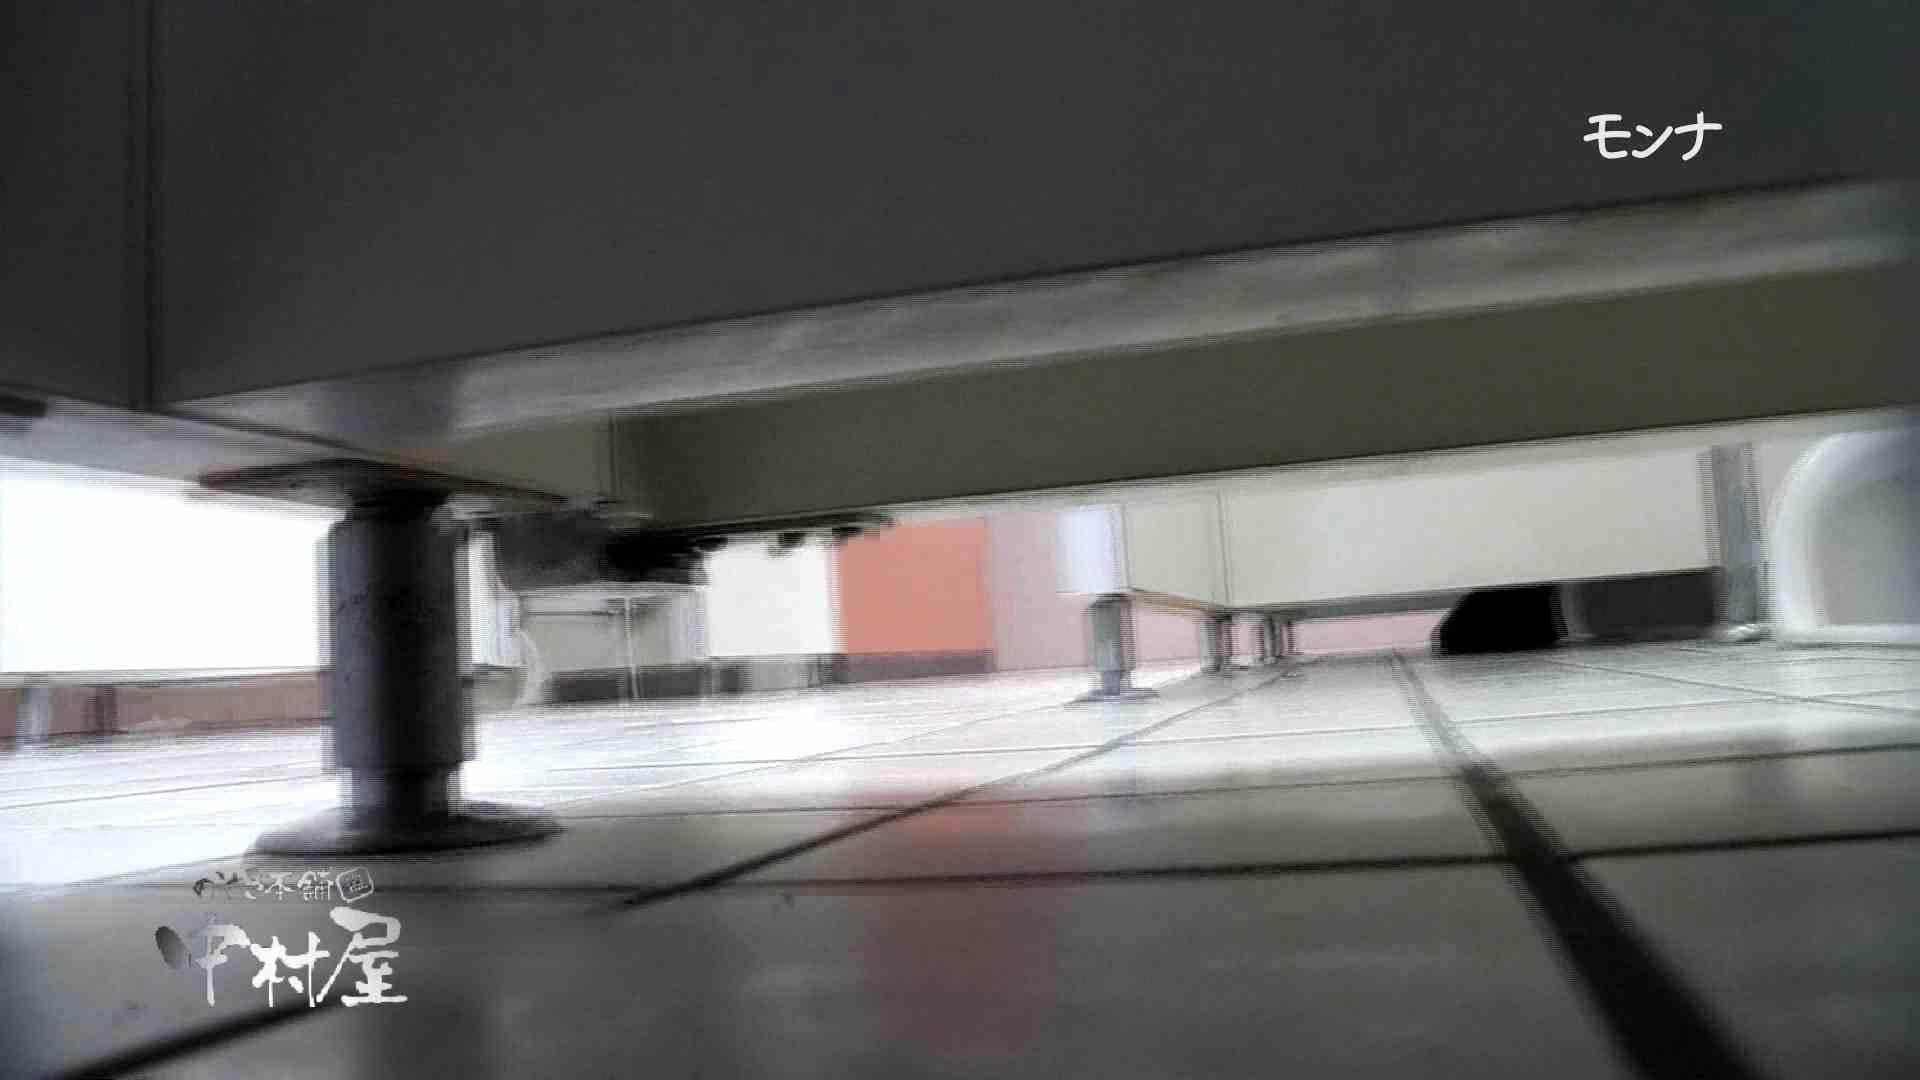 【美しい日本の未来】新学期!!下半身中心に攻めてます美女可愛い女子悪戯盗satuトイレ後編 悪戯 | 下半身  97pic 62